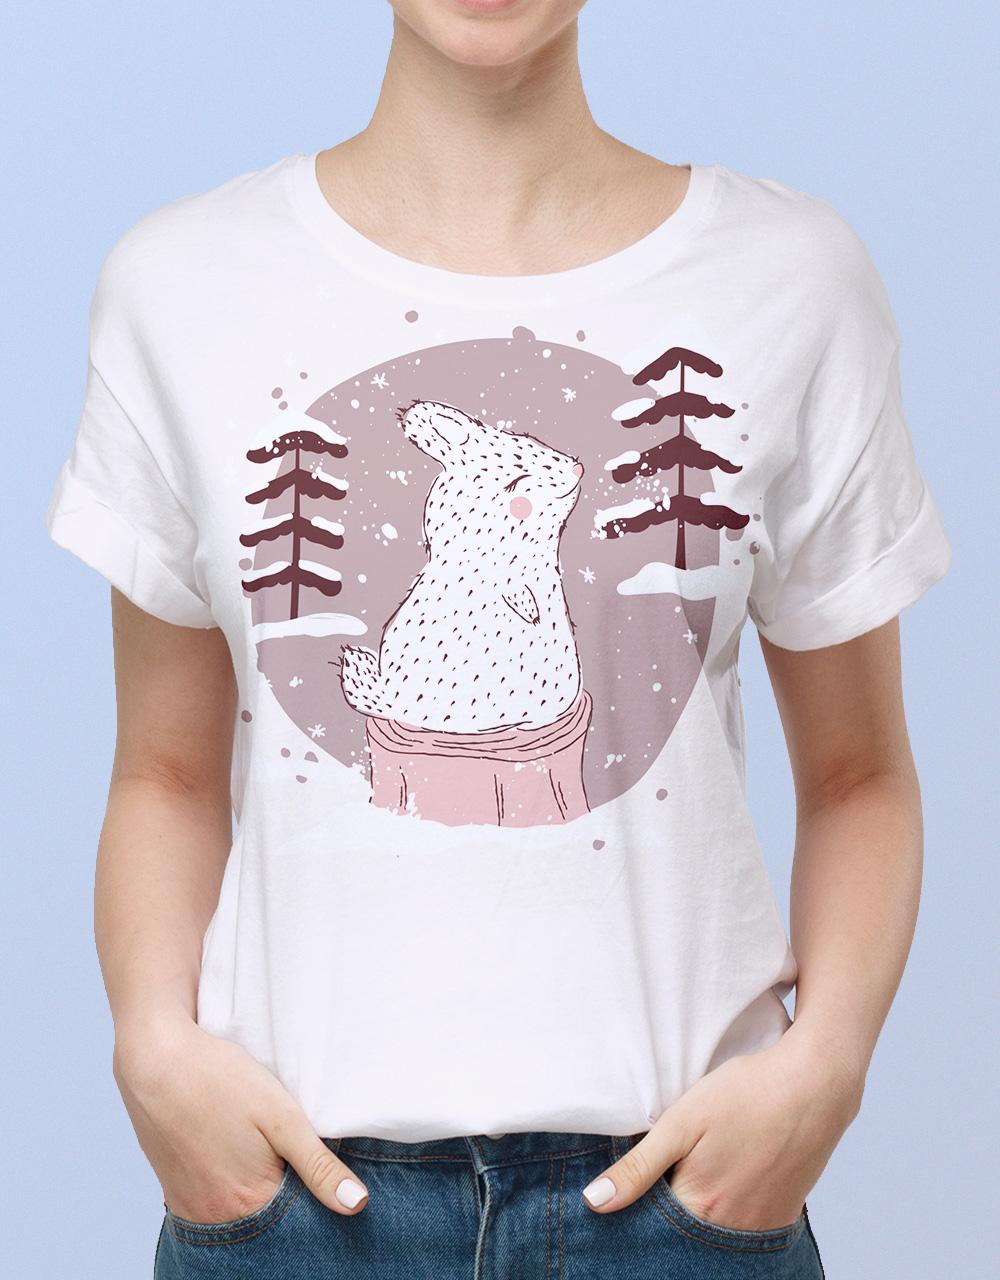 Camiseta mujer blanca conejo